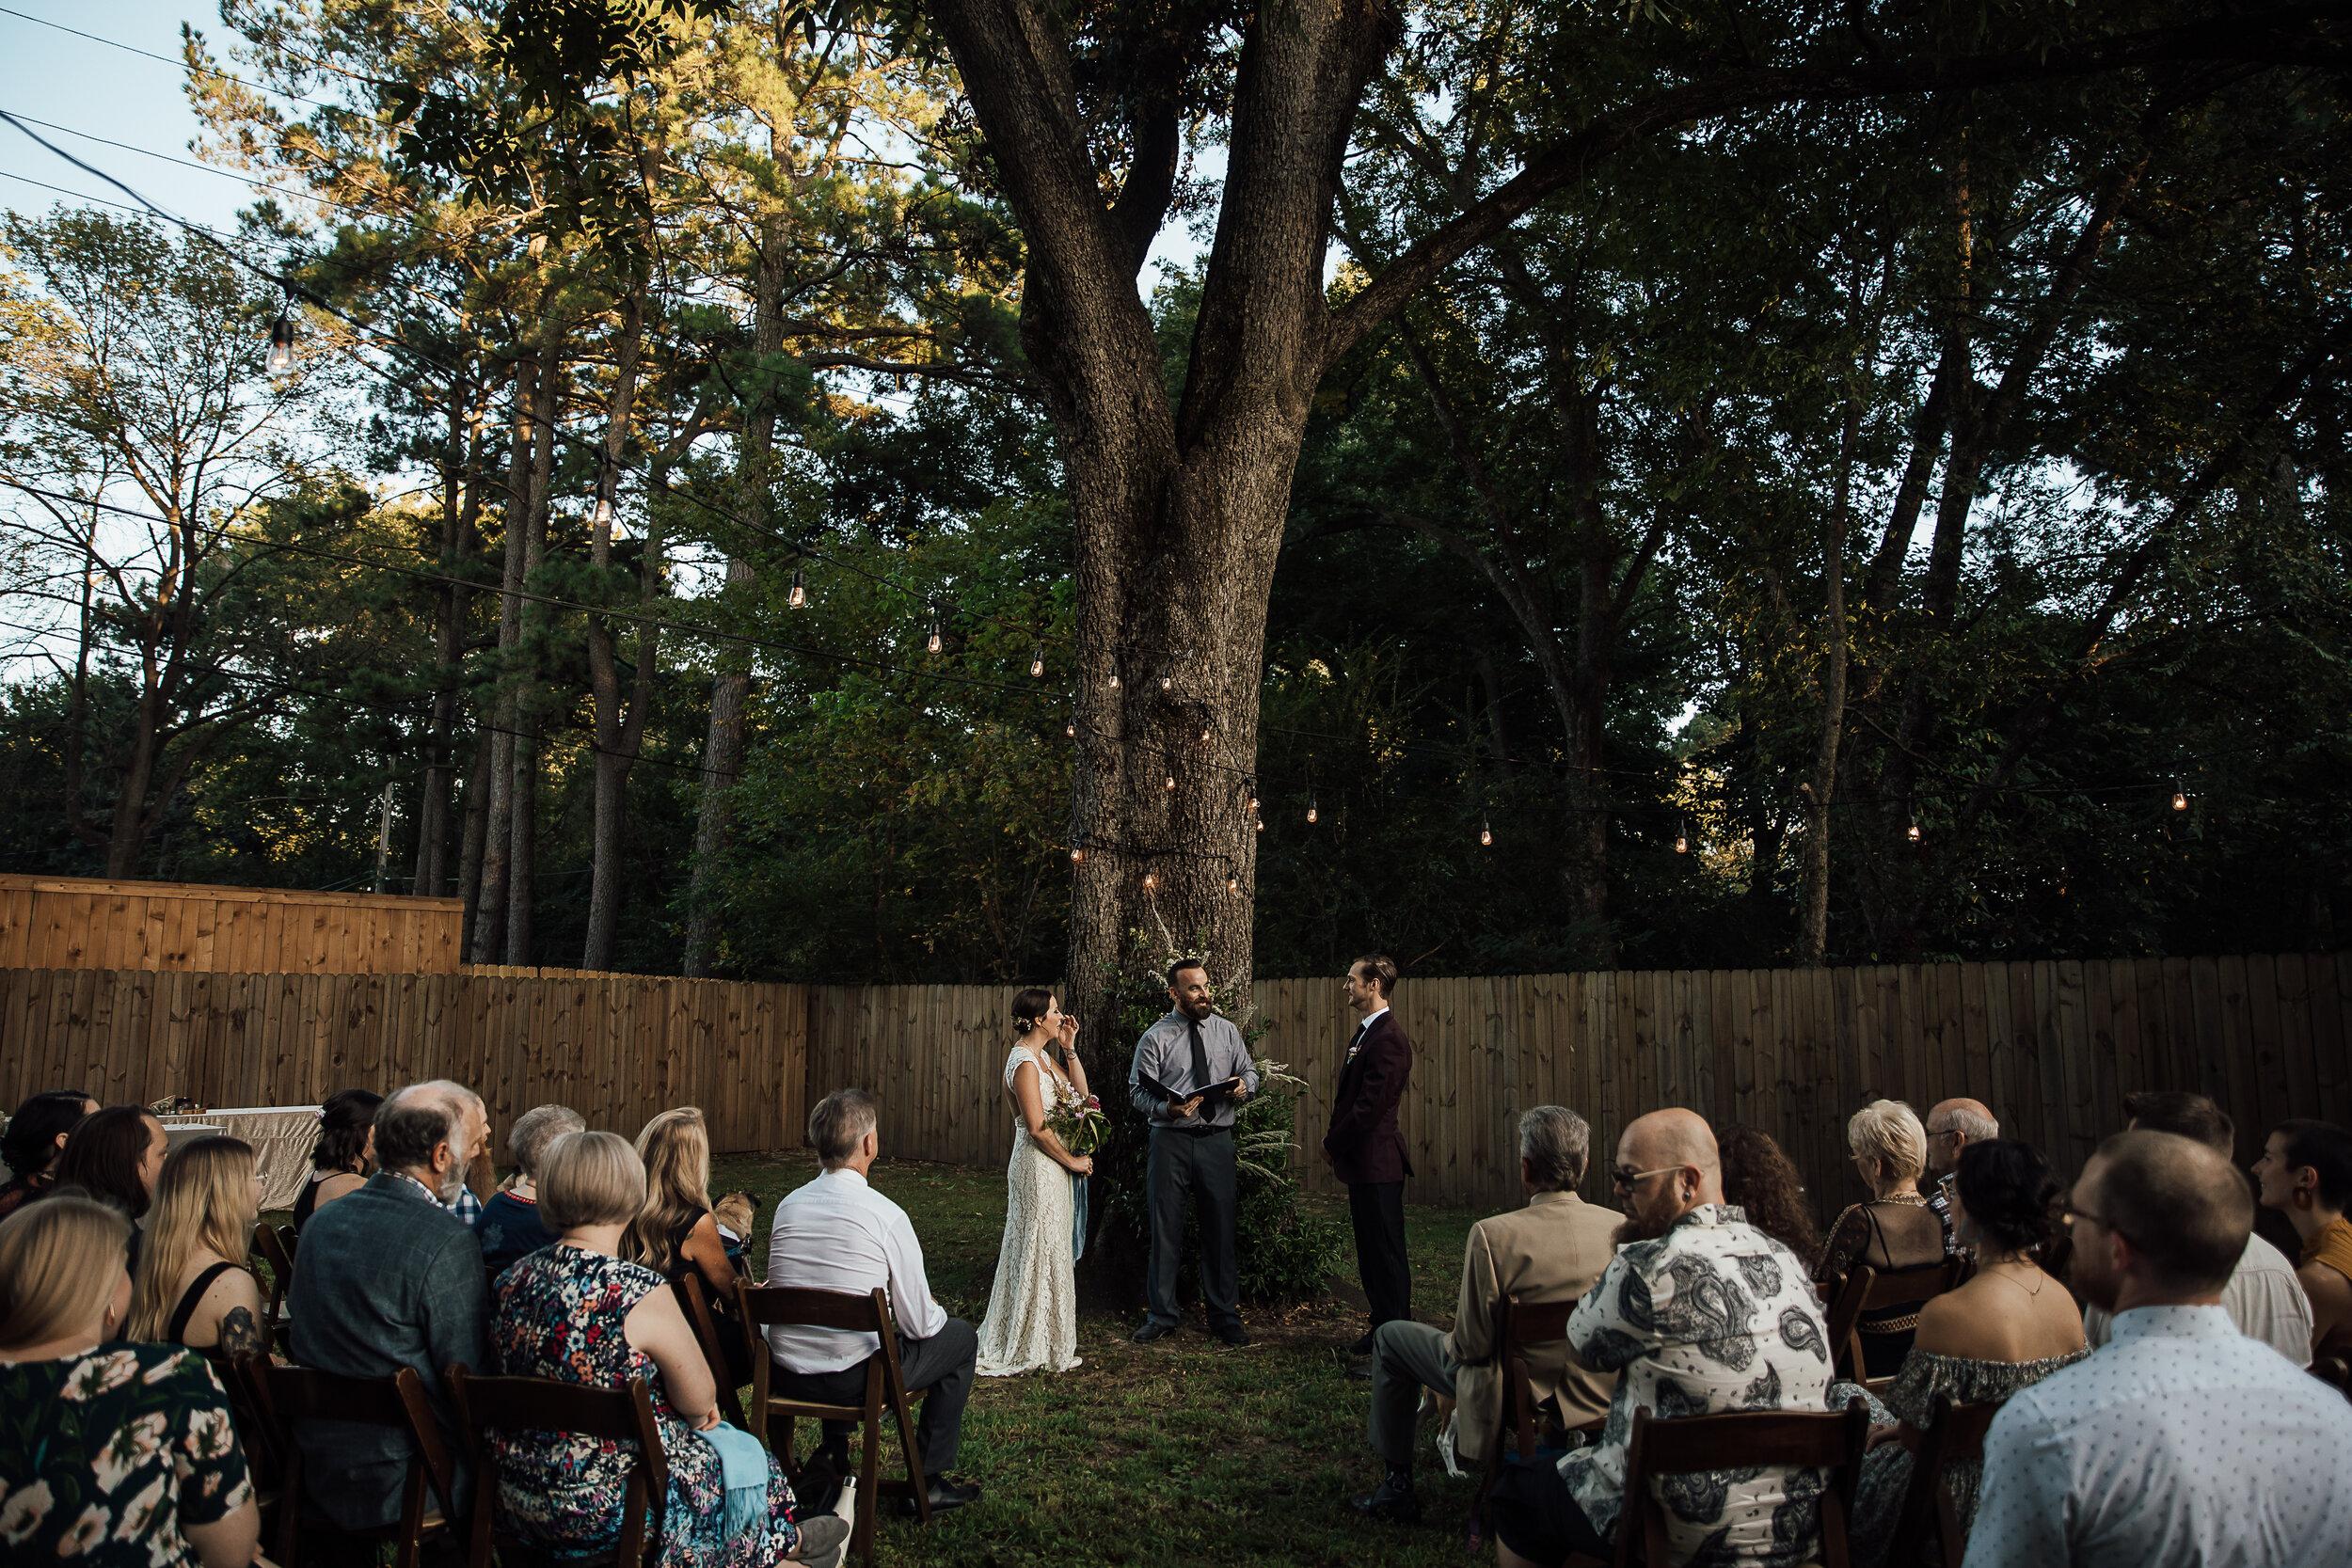 Allison-and-Wesley-Memphis-Backyard-Wedding-TheWarmthAroundYou-156.jpg